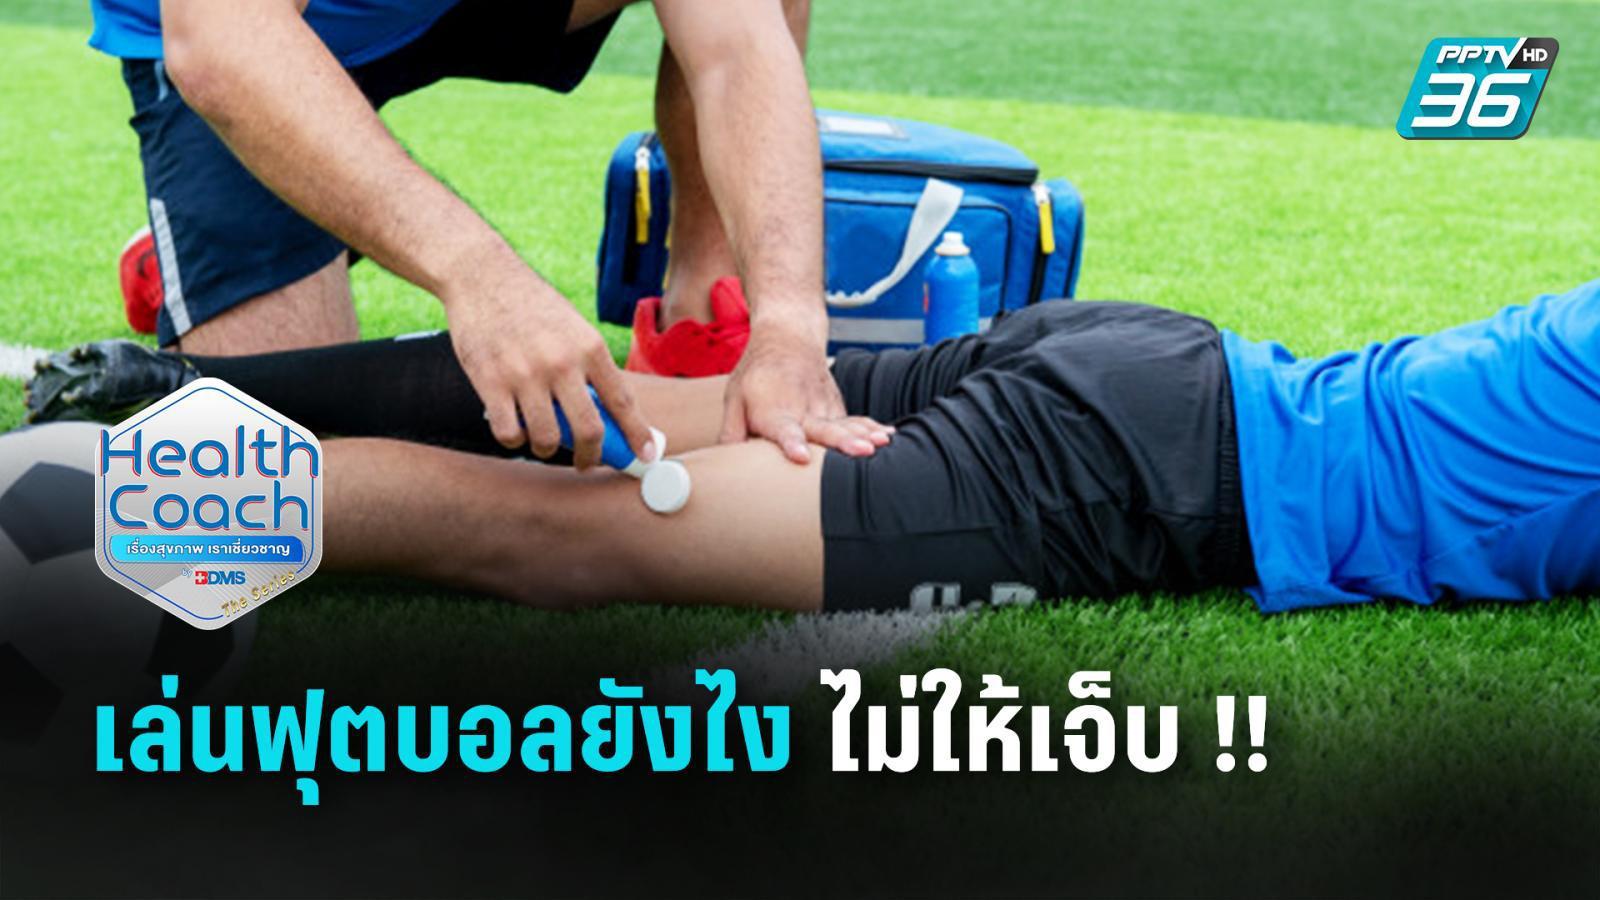 เล่นฟุตบอลยังไงไม่ให้เจ็บ !!